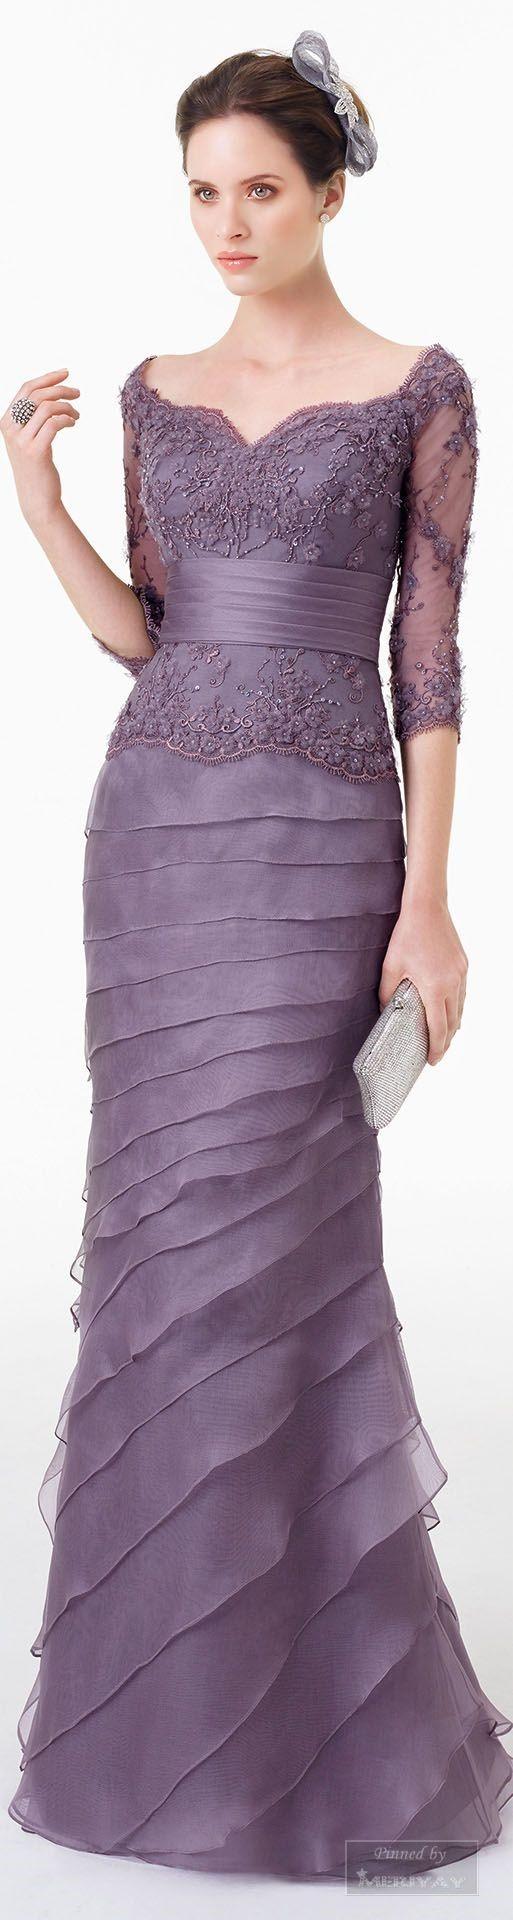 las-5-mejores-imagenes-de-vestidos-largos-elegantes-para-boda.jpg ...